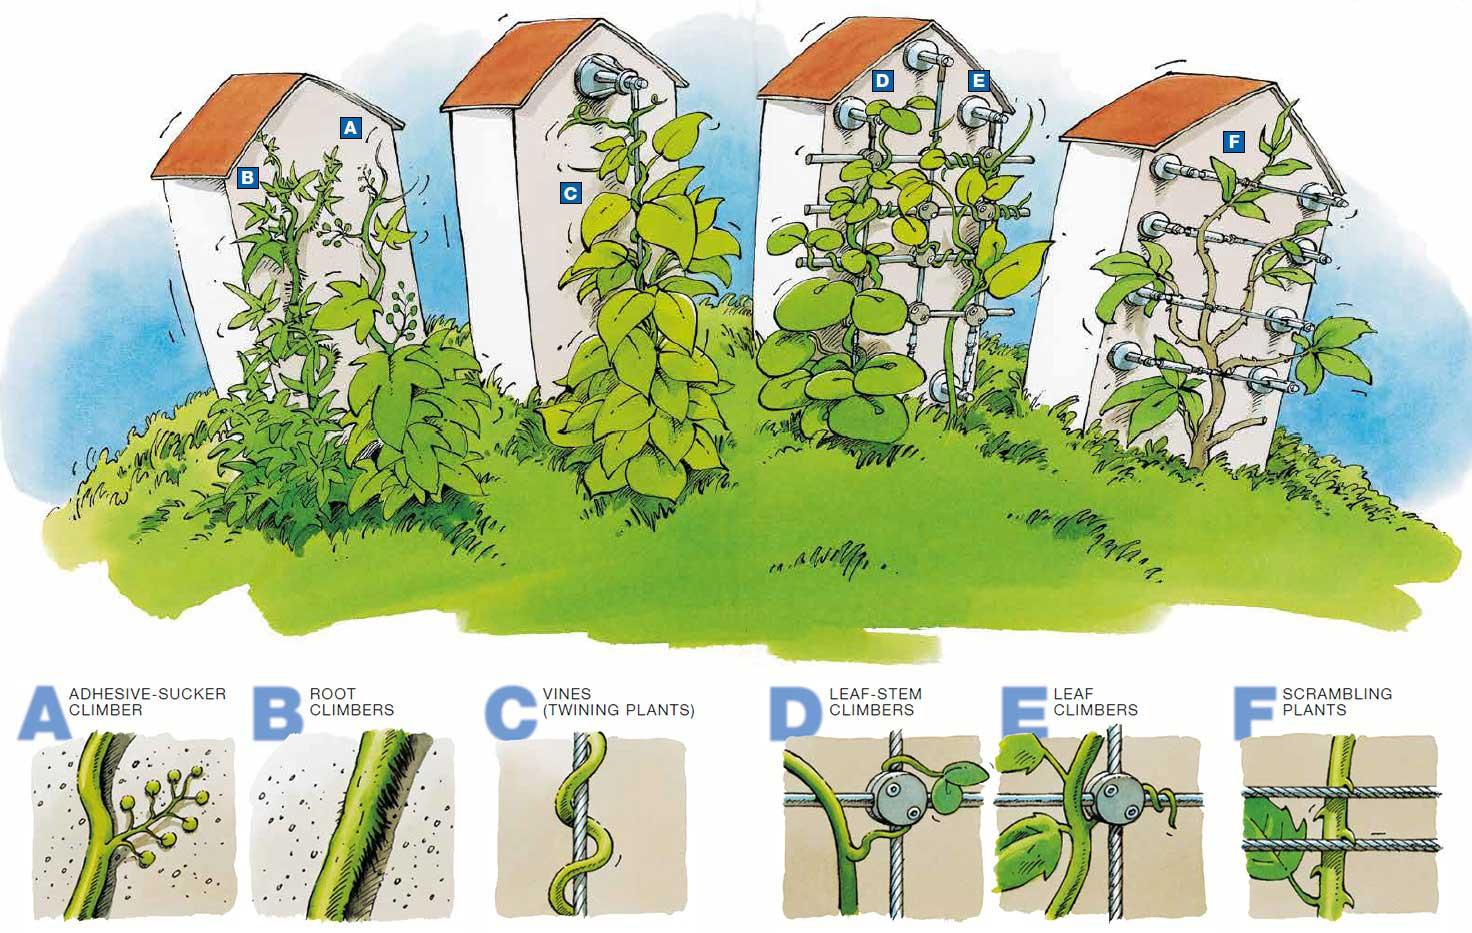 Jardins Verticaux Dans Appartements Et Maisons Pour 33+ ... concernant Organisation D Un Jardin Potager